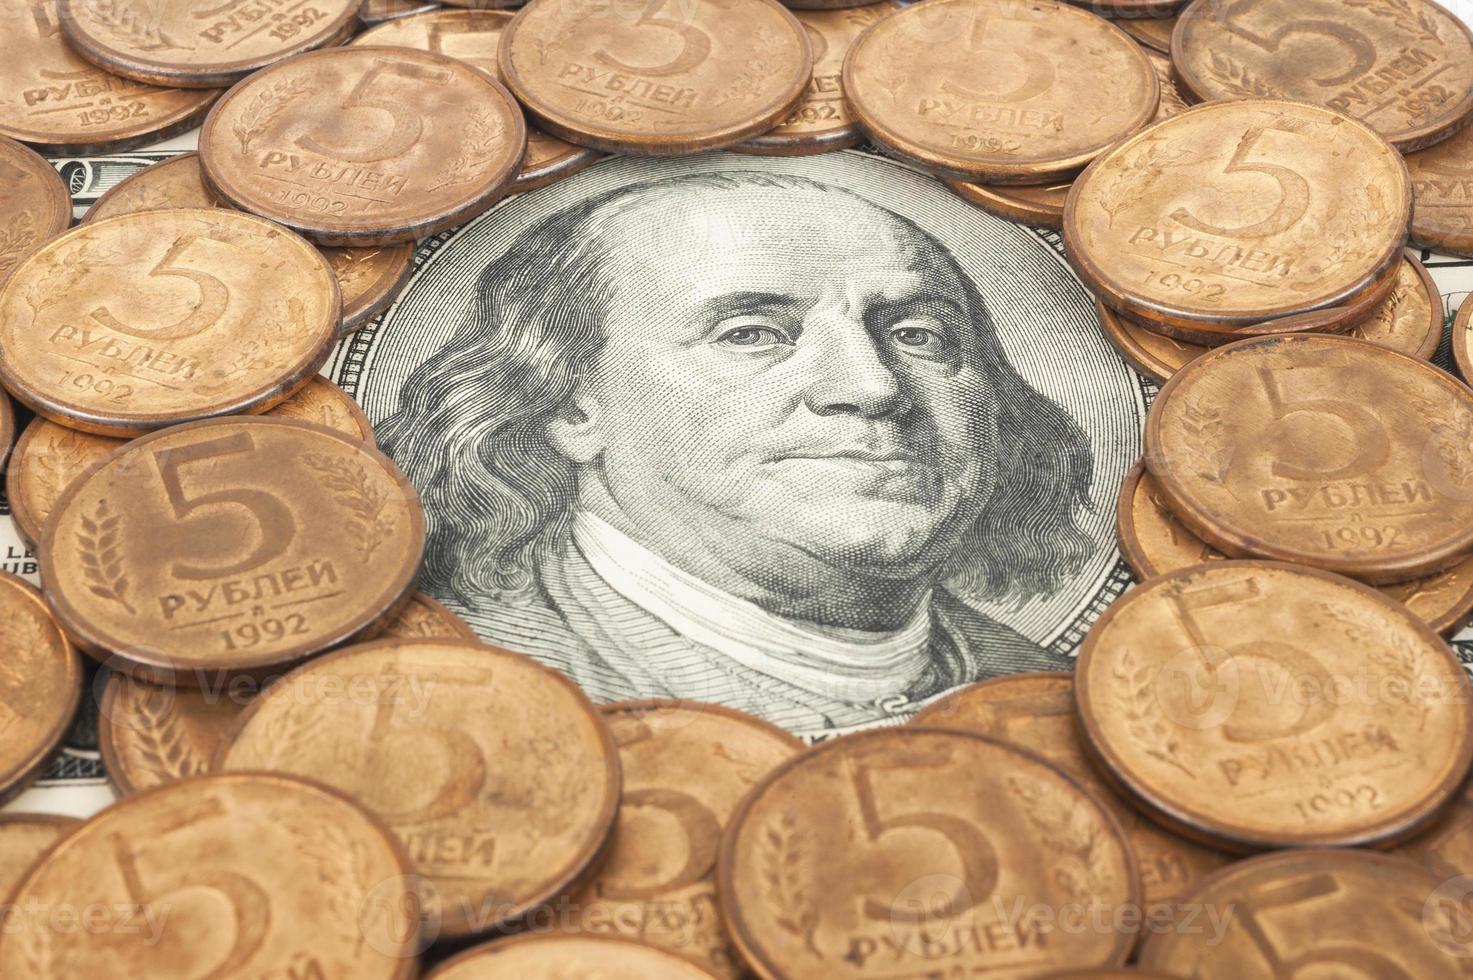 rubli russi e dollari americani foto